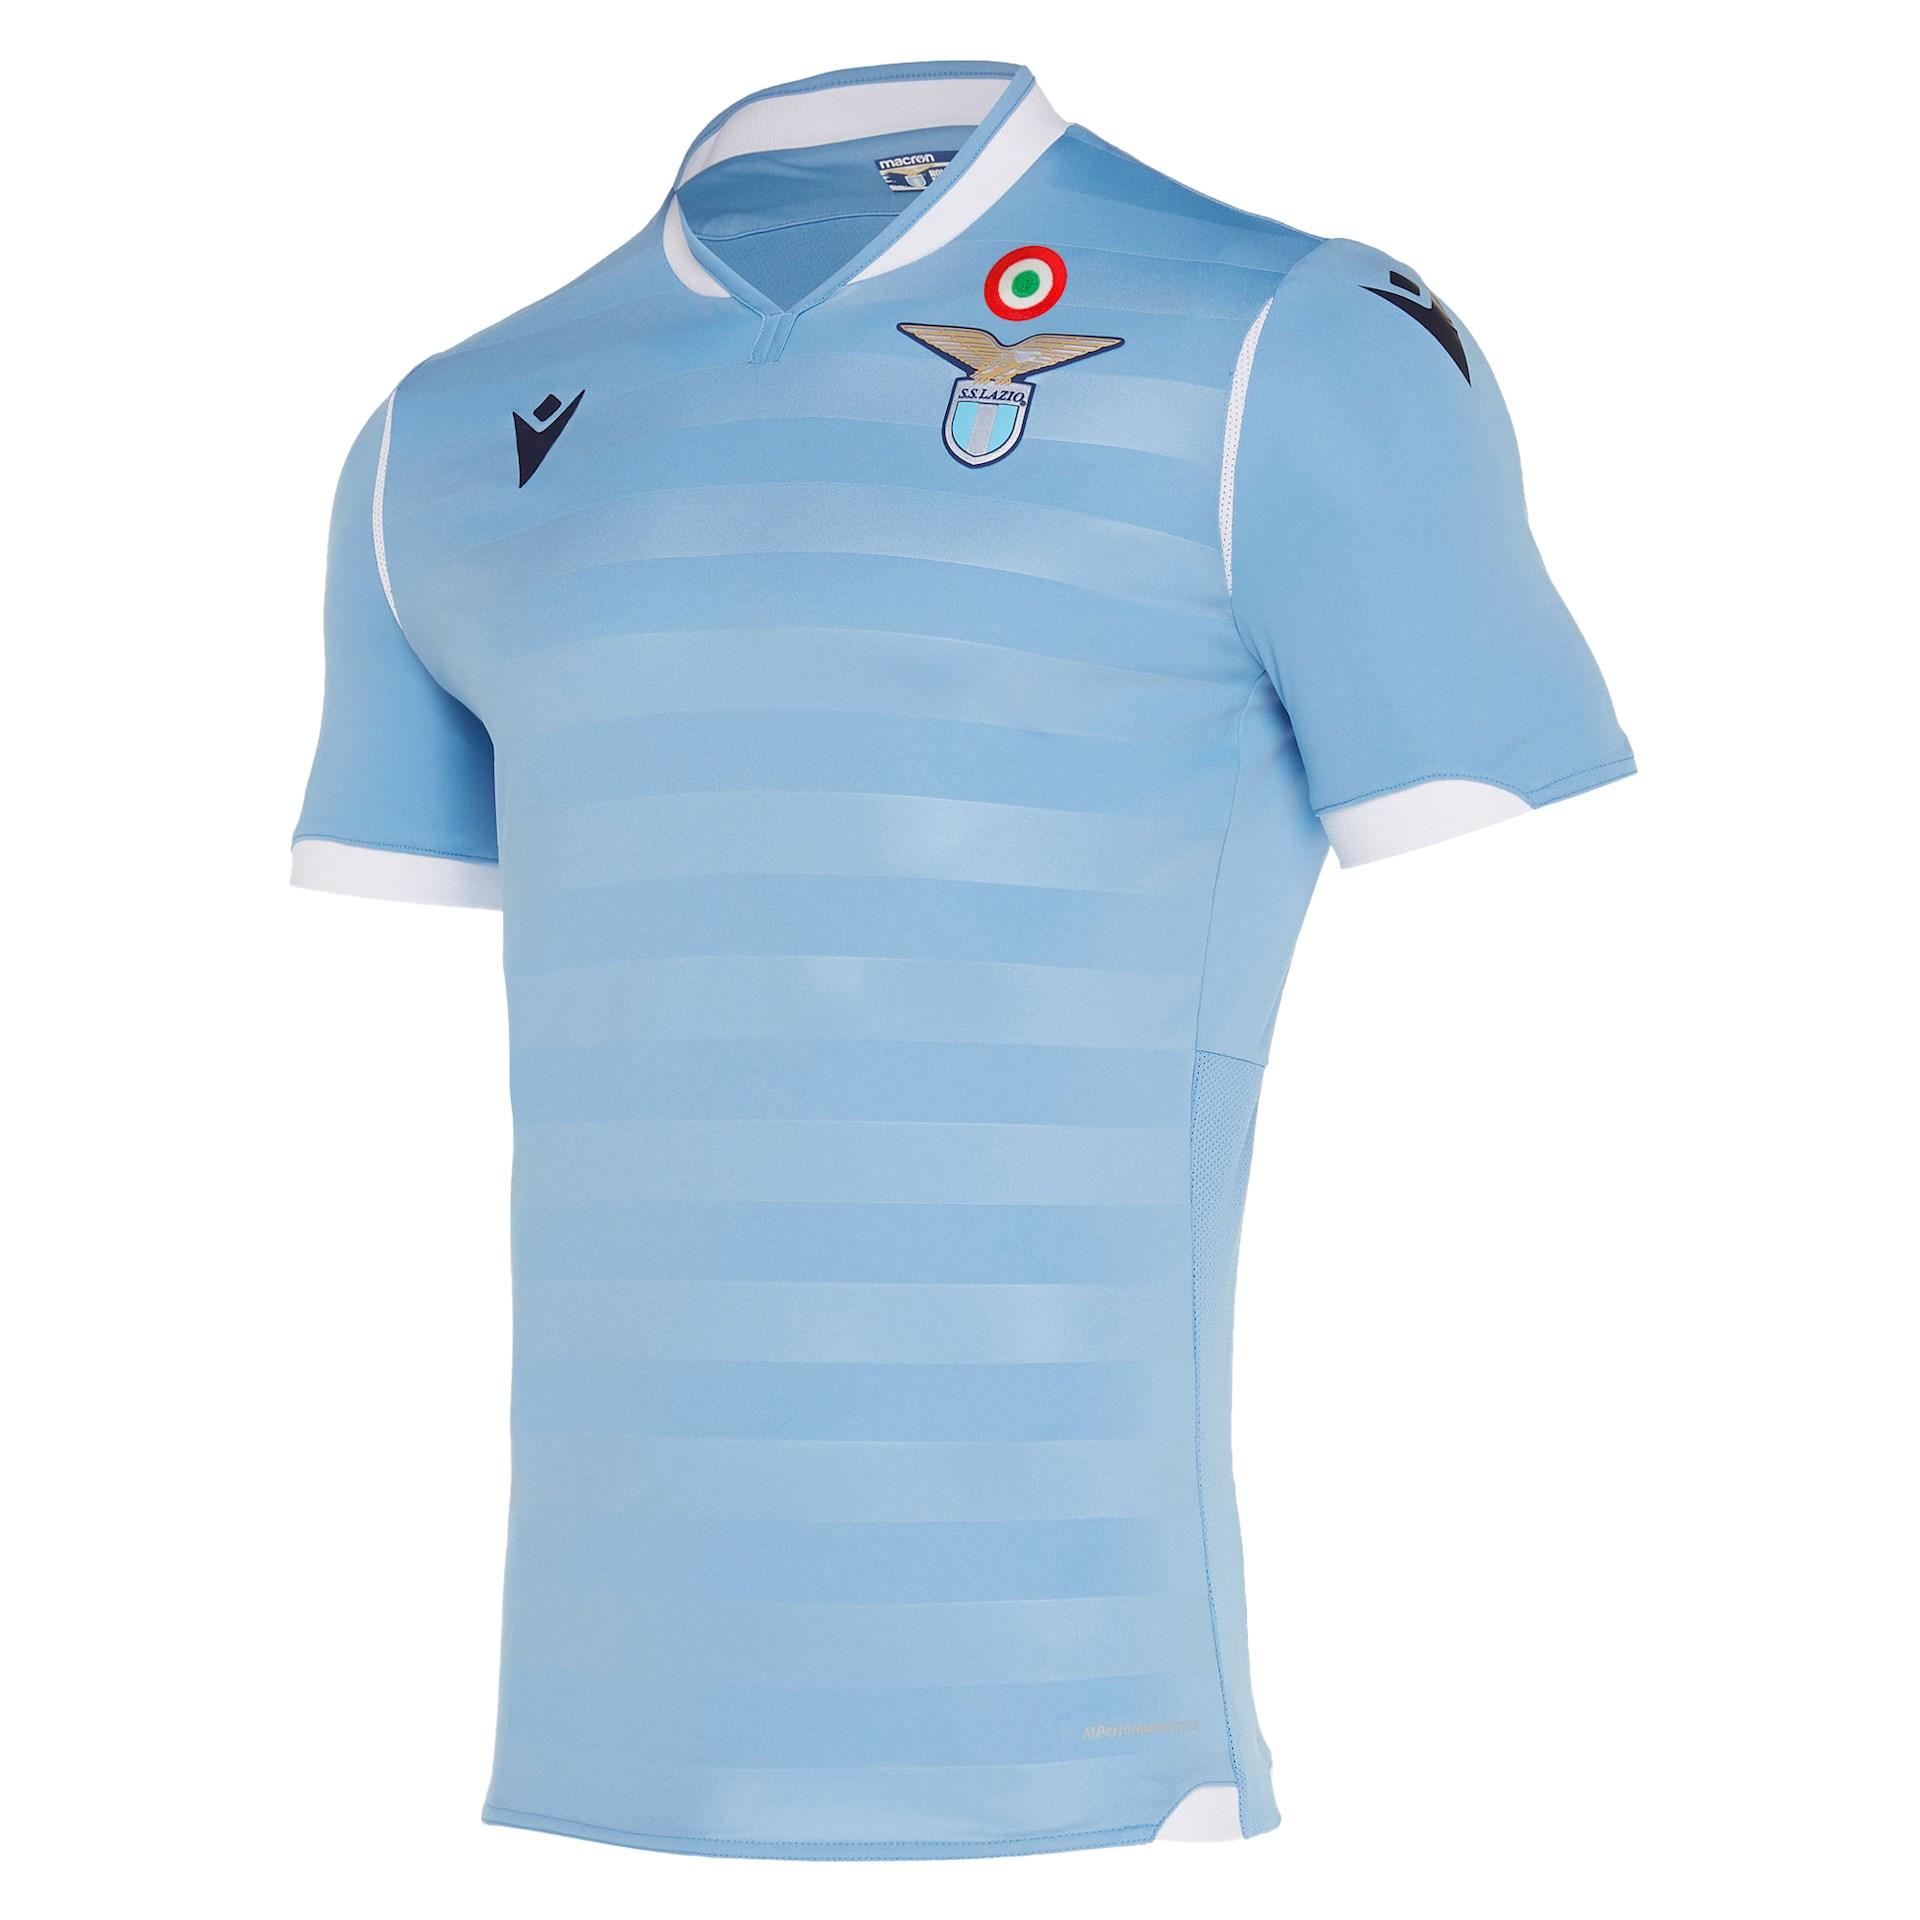 Lazio Rome domicile maillot 2019-2020 - Maillots-Football.com